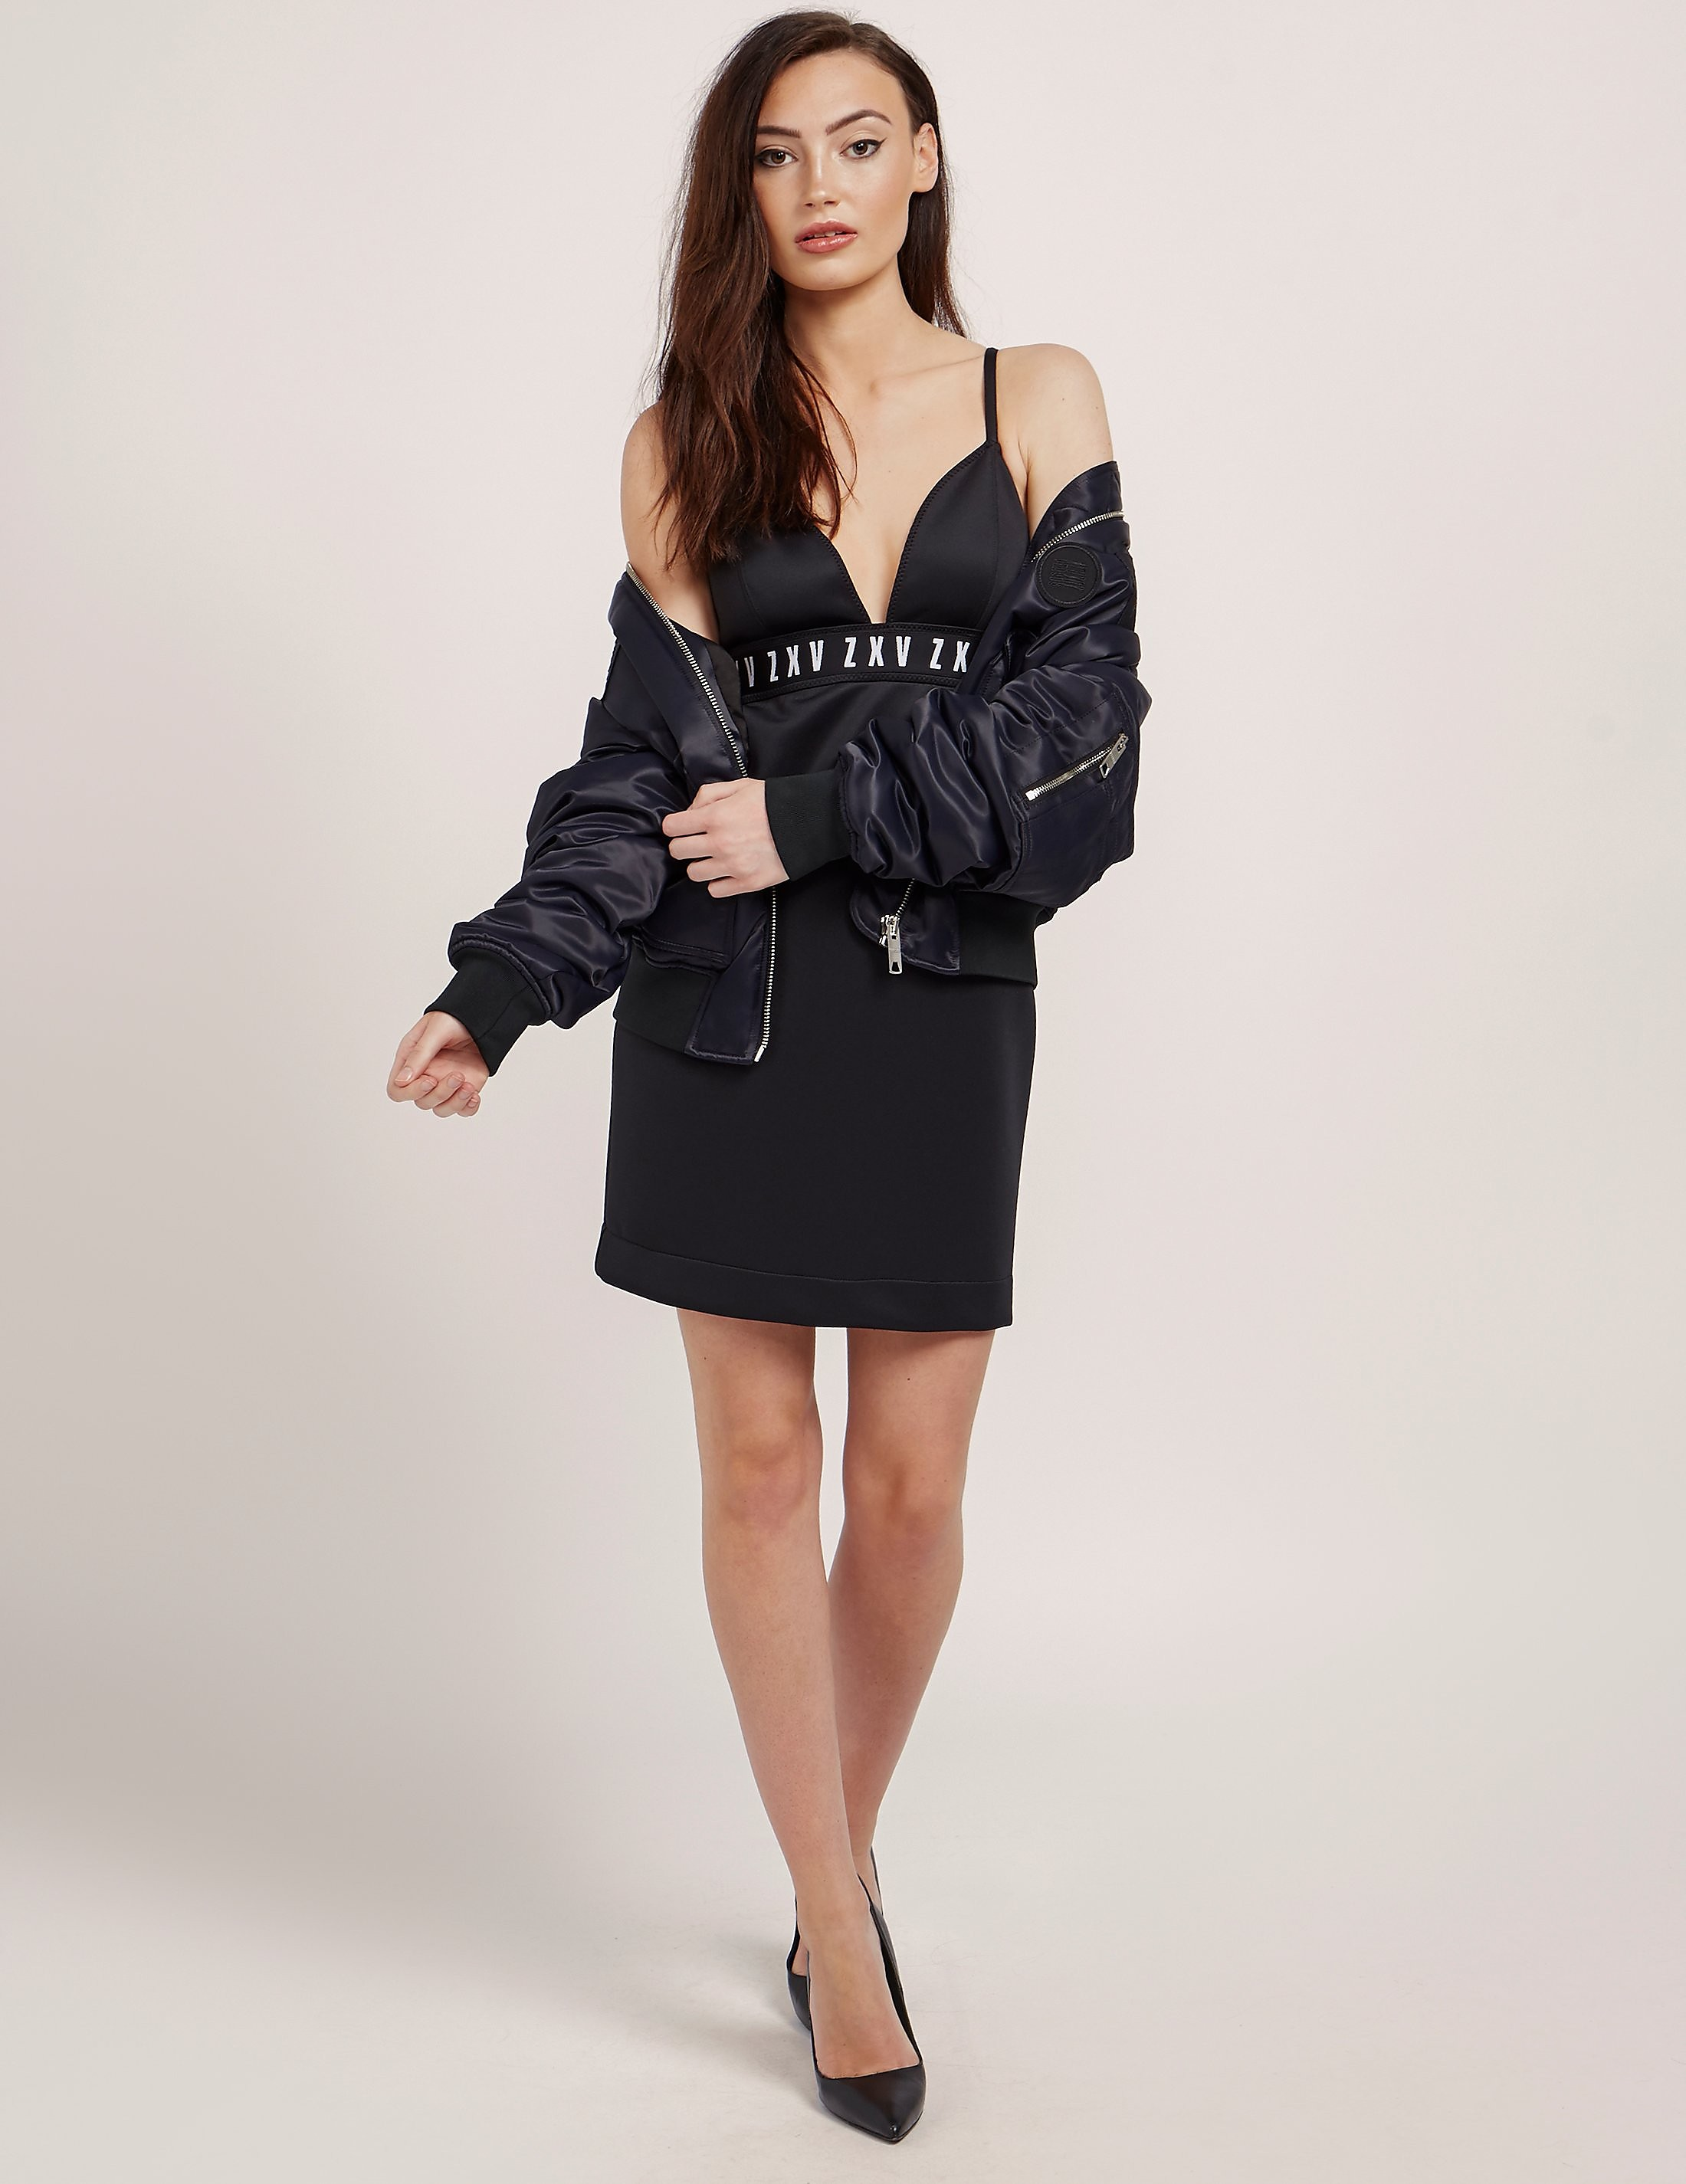 Versus Versace X Zayn Trangle Top Dress